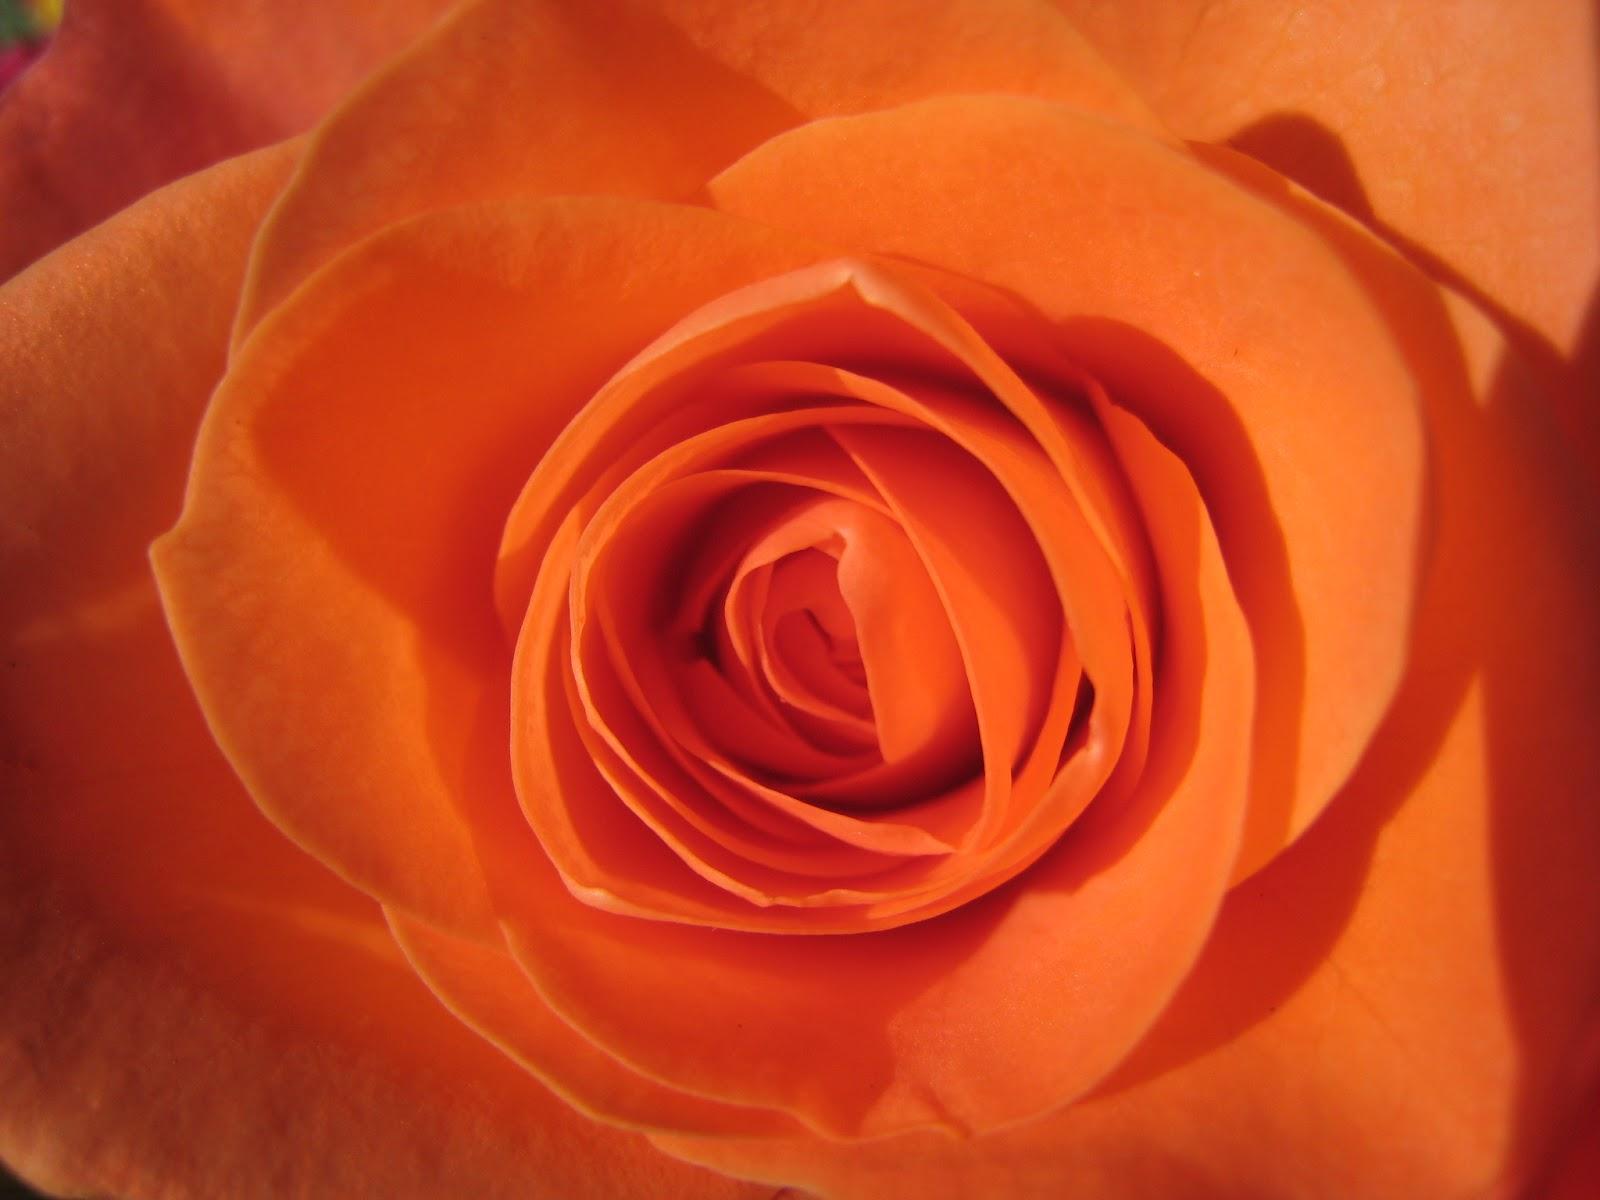 Meine Welt Die Farbe Orange